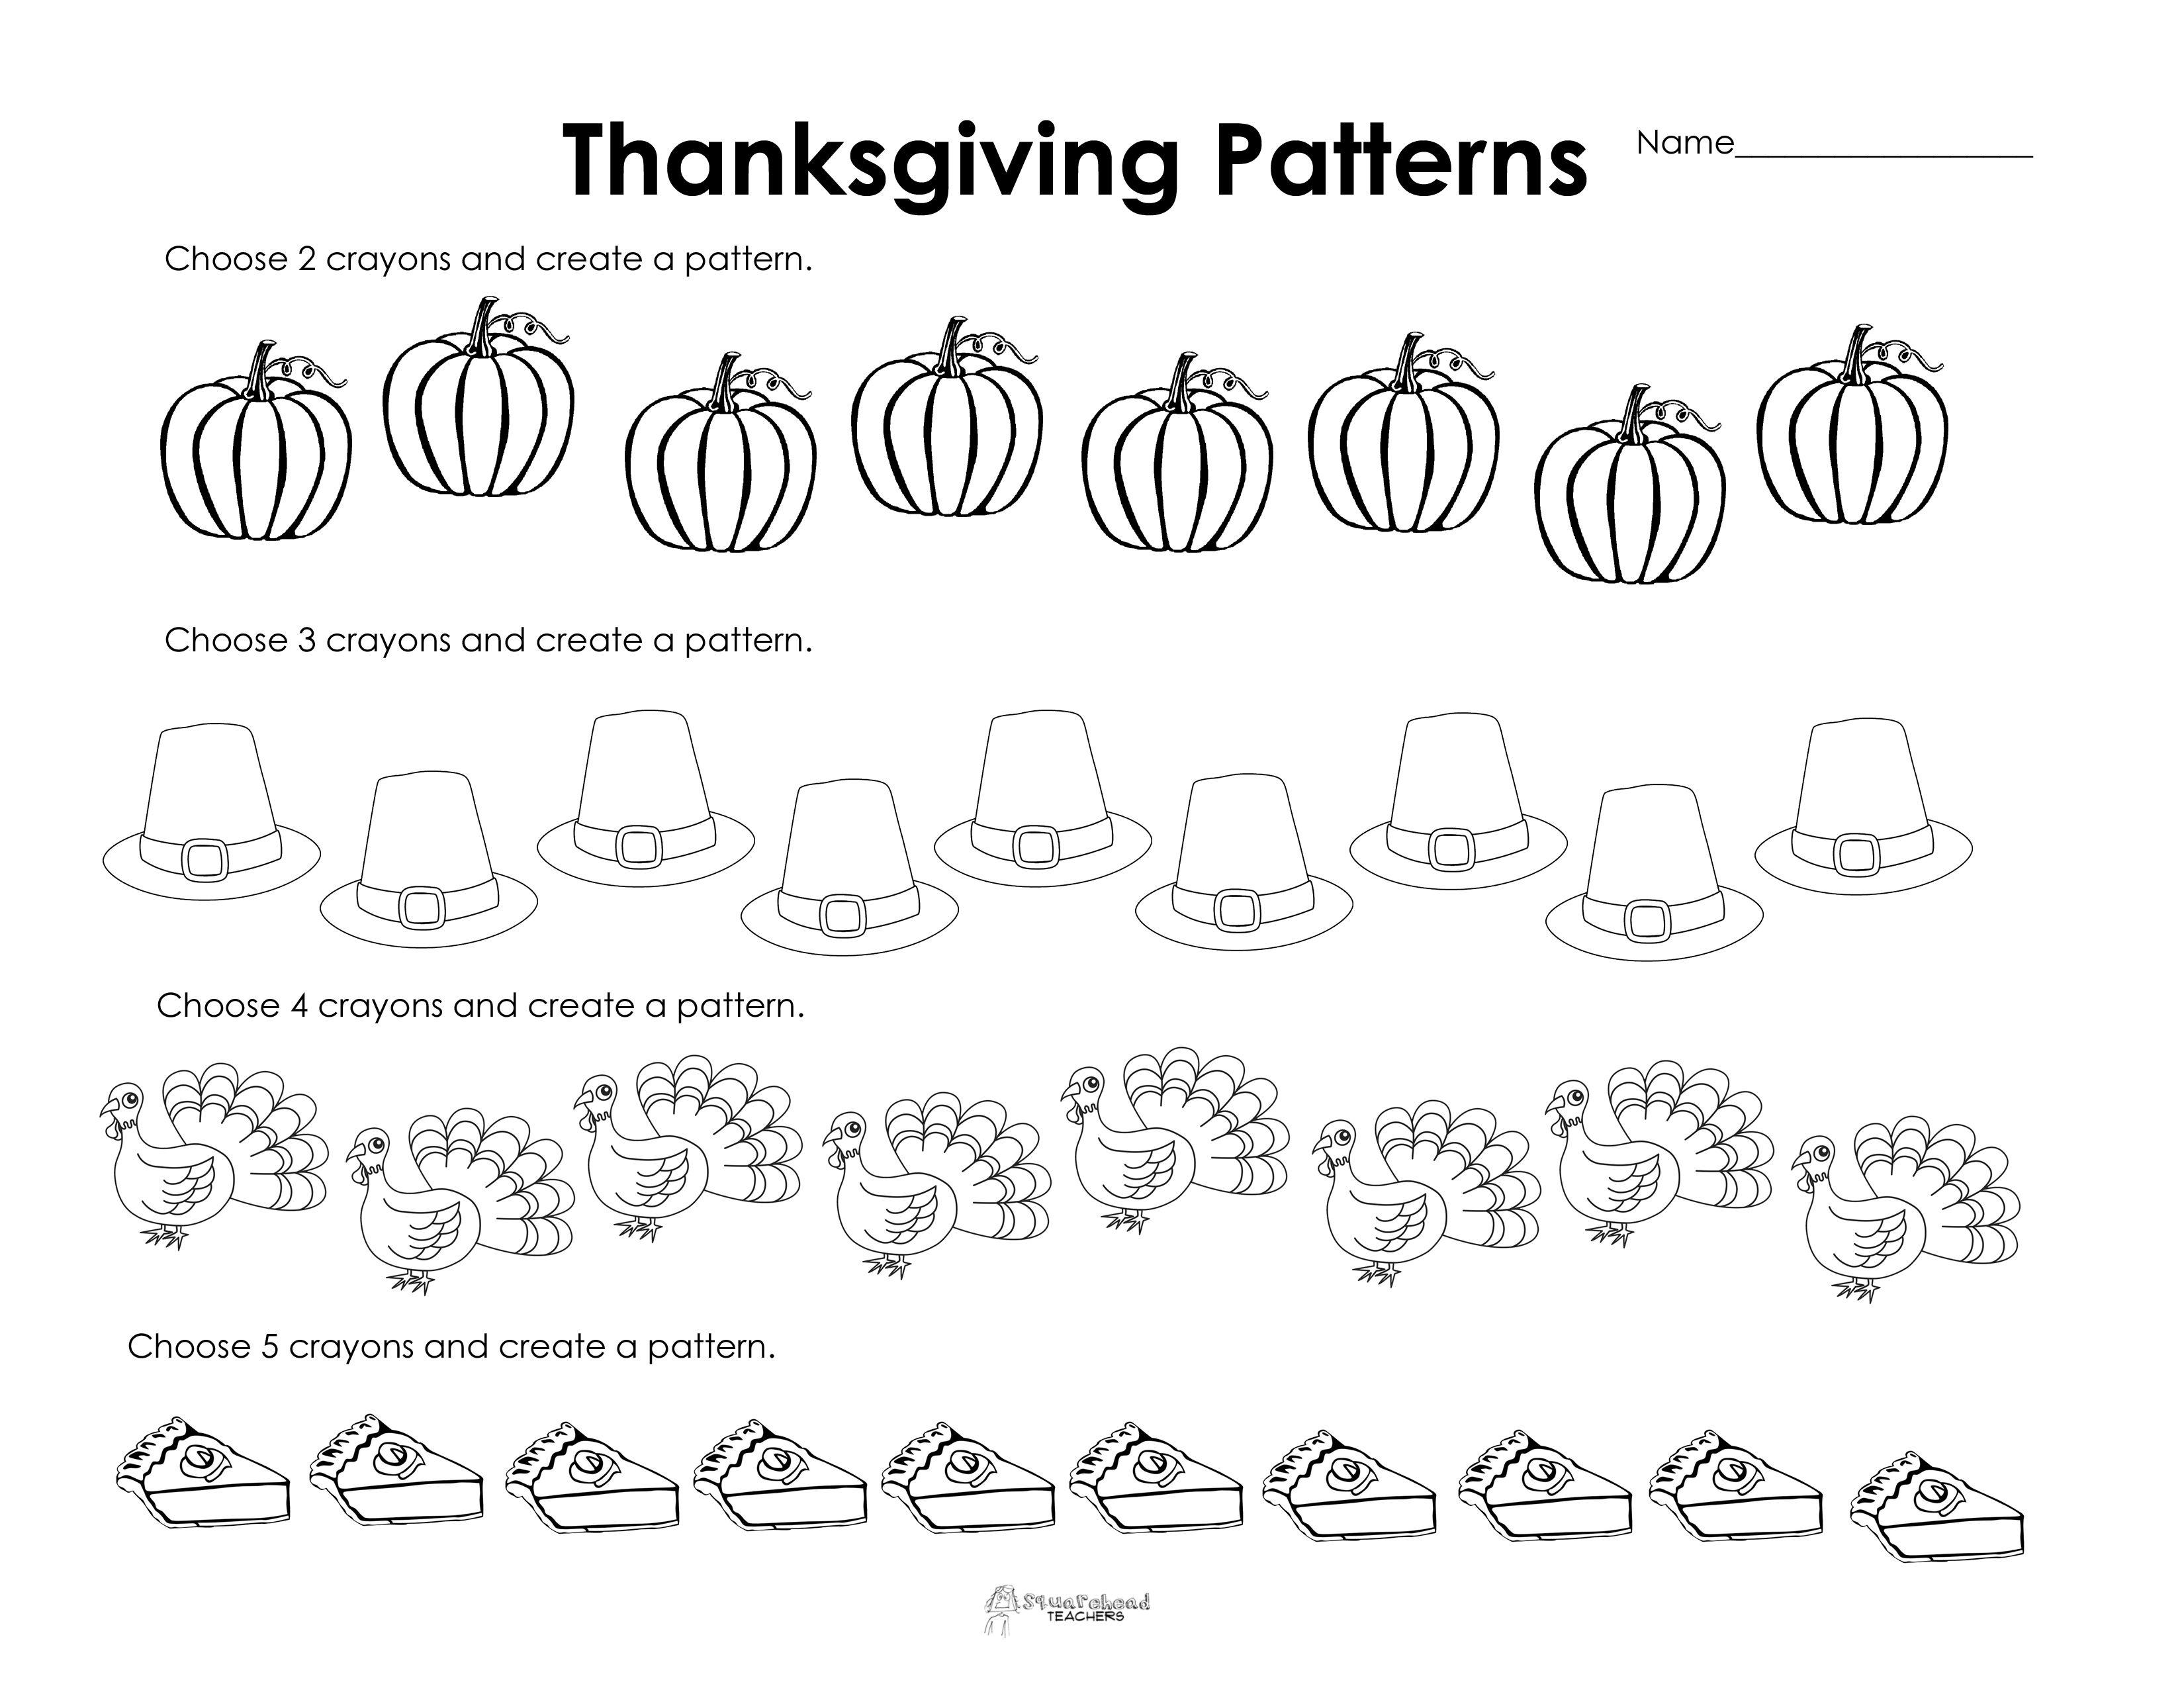 Making Patterns: Thanksgiving Style (free worksheet!)   Thanksgiving  worksheets [ 2550 x 3300 Pixel ]